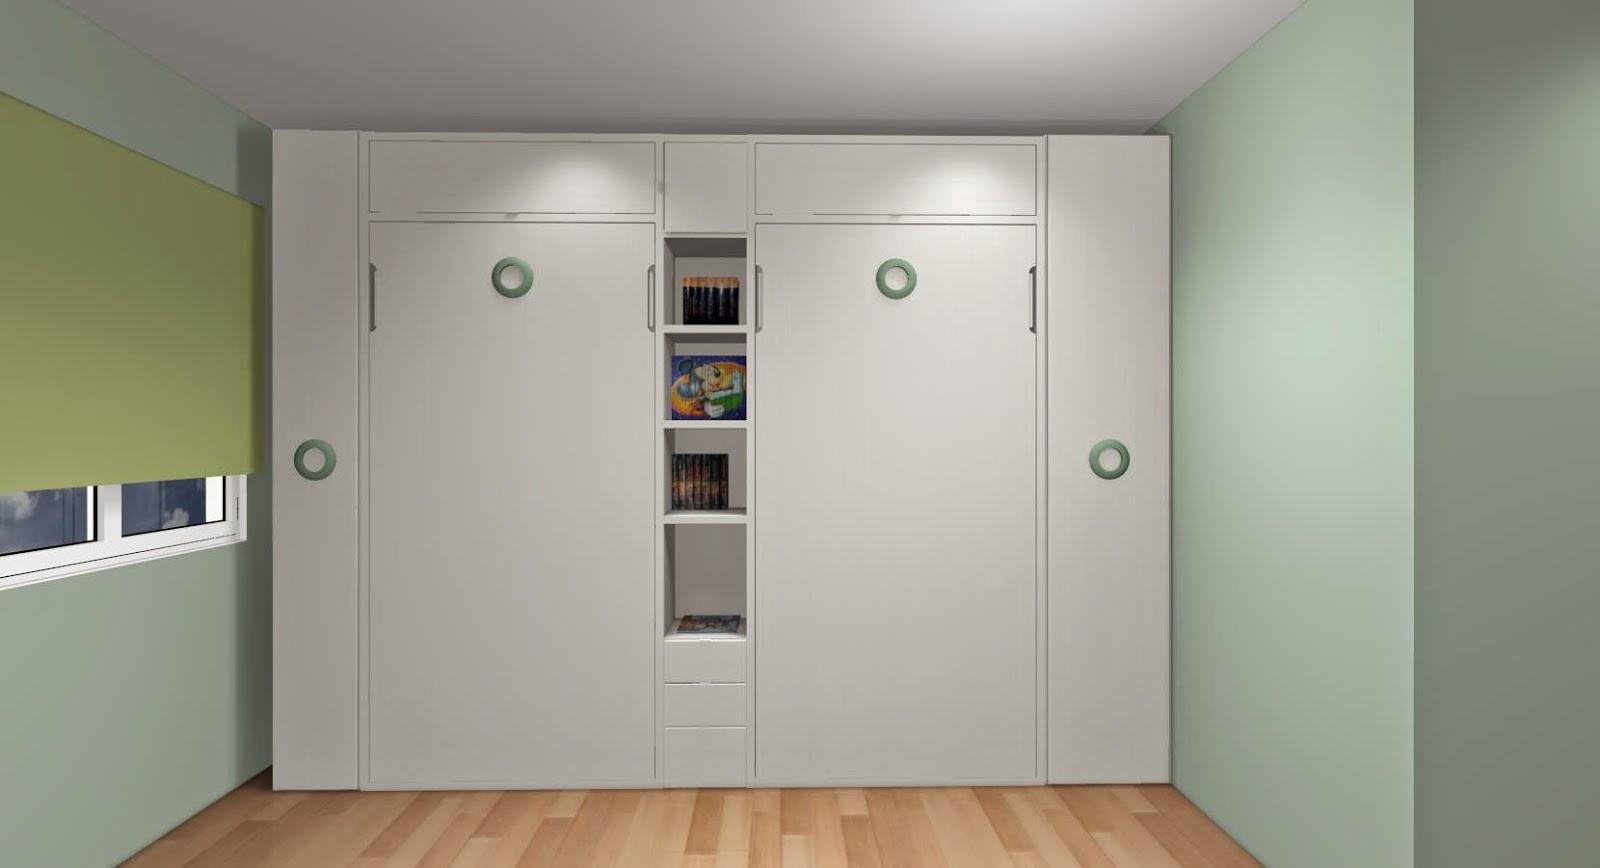 Dise o de cuartos o dormitorios juveniles - Camas muebles abatibles ...